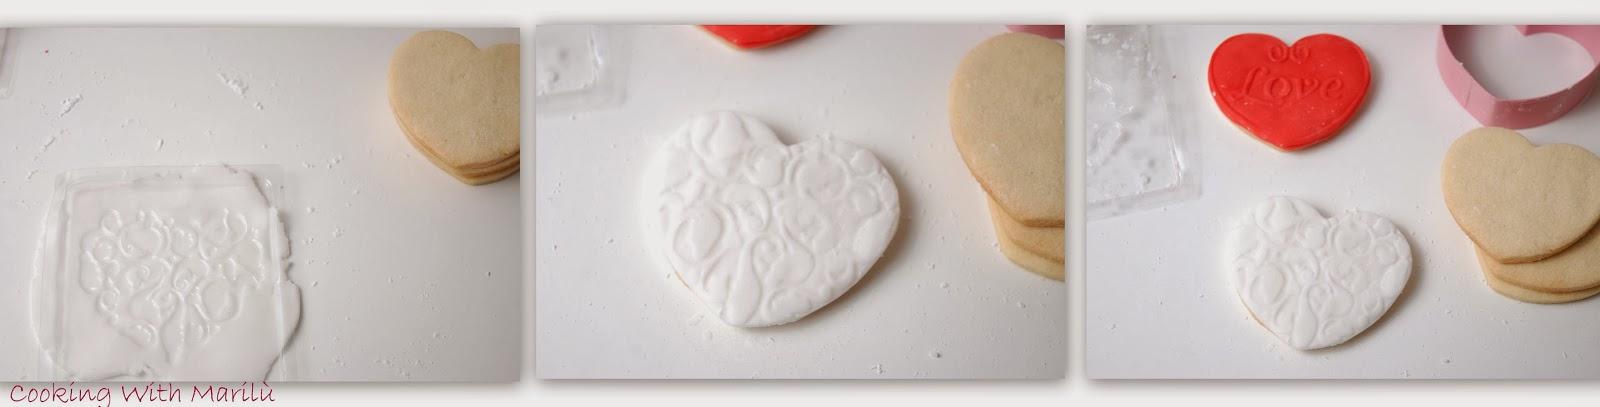 ricetta biscotti pasta frolla decorati